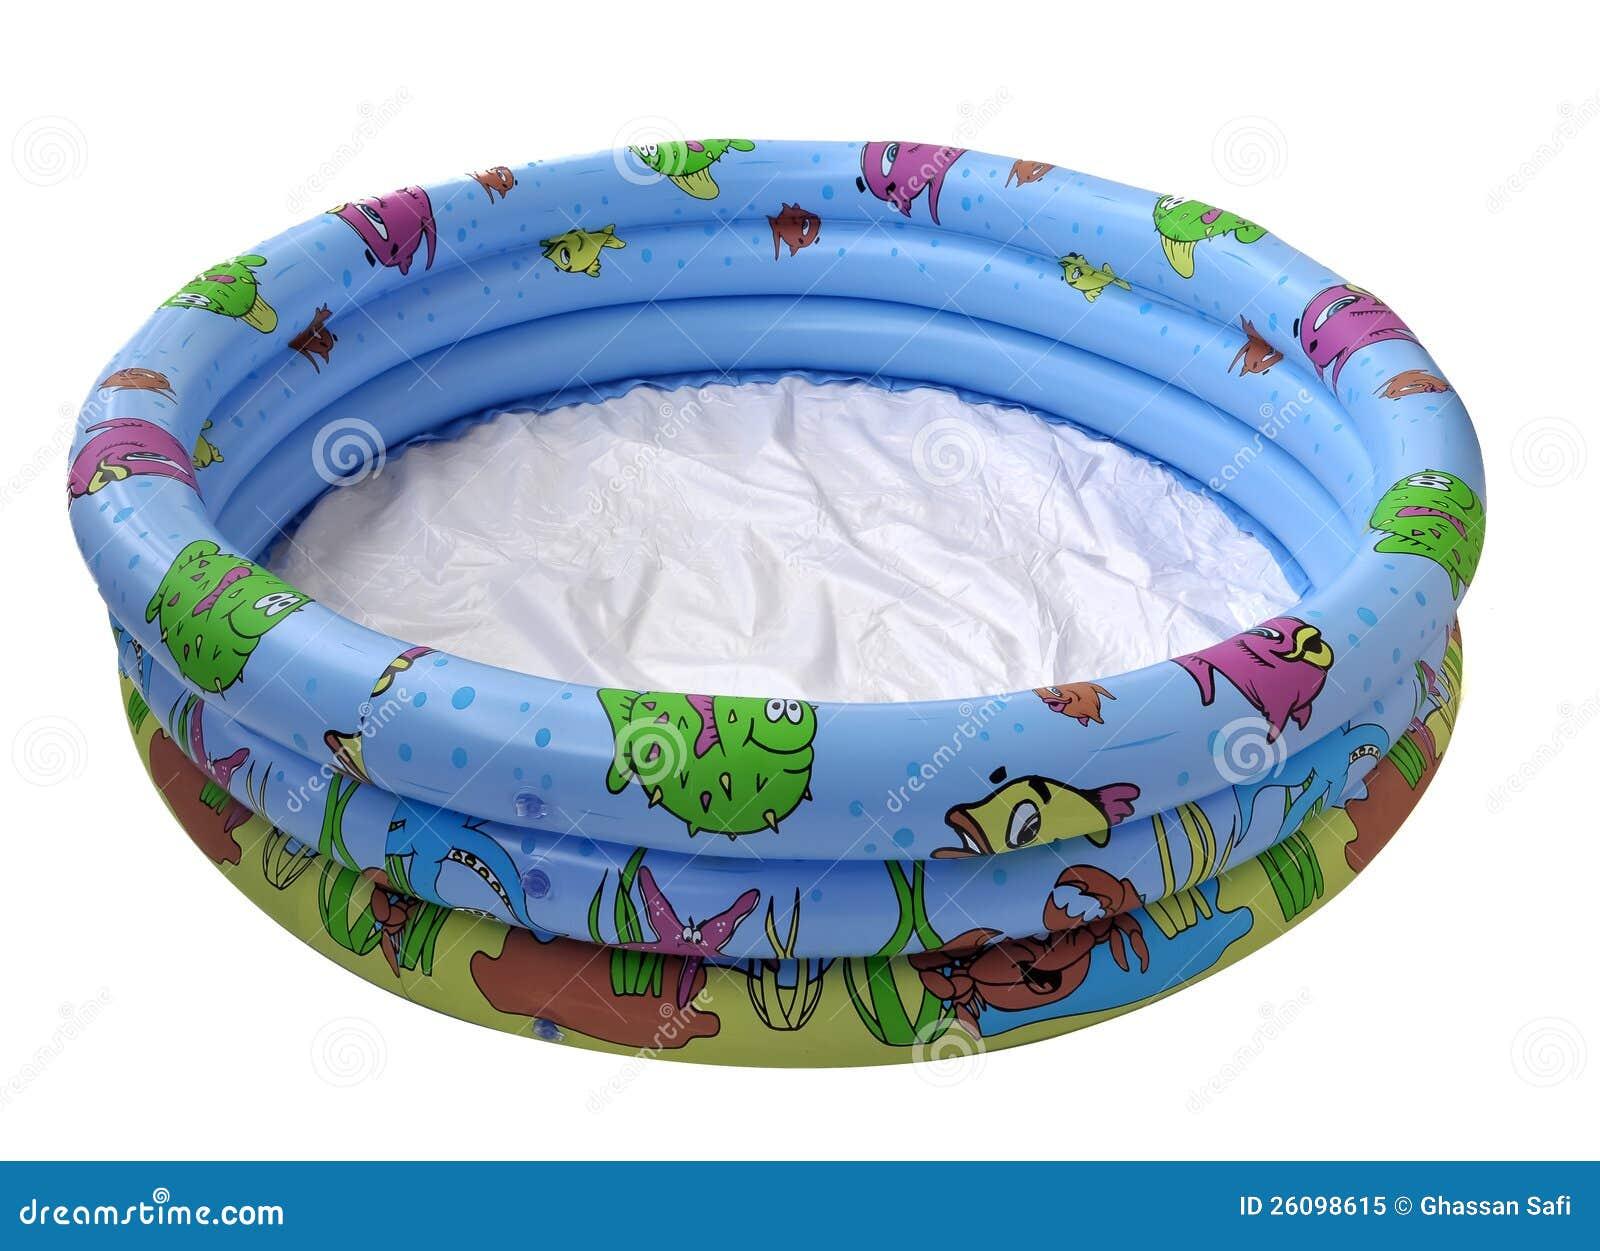 Klein zwembad stock afbeelding afbeelding bestaande uit for Klein opblaasbaar zwembad